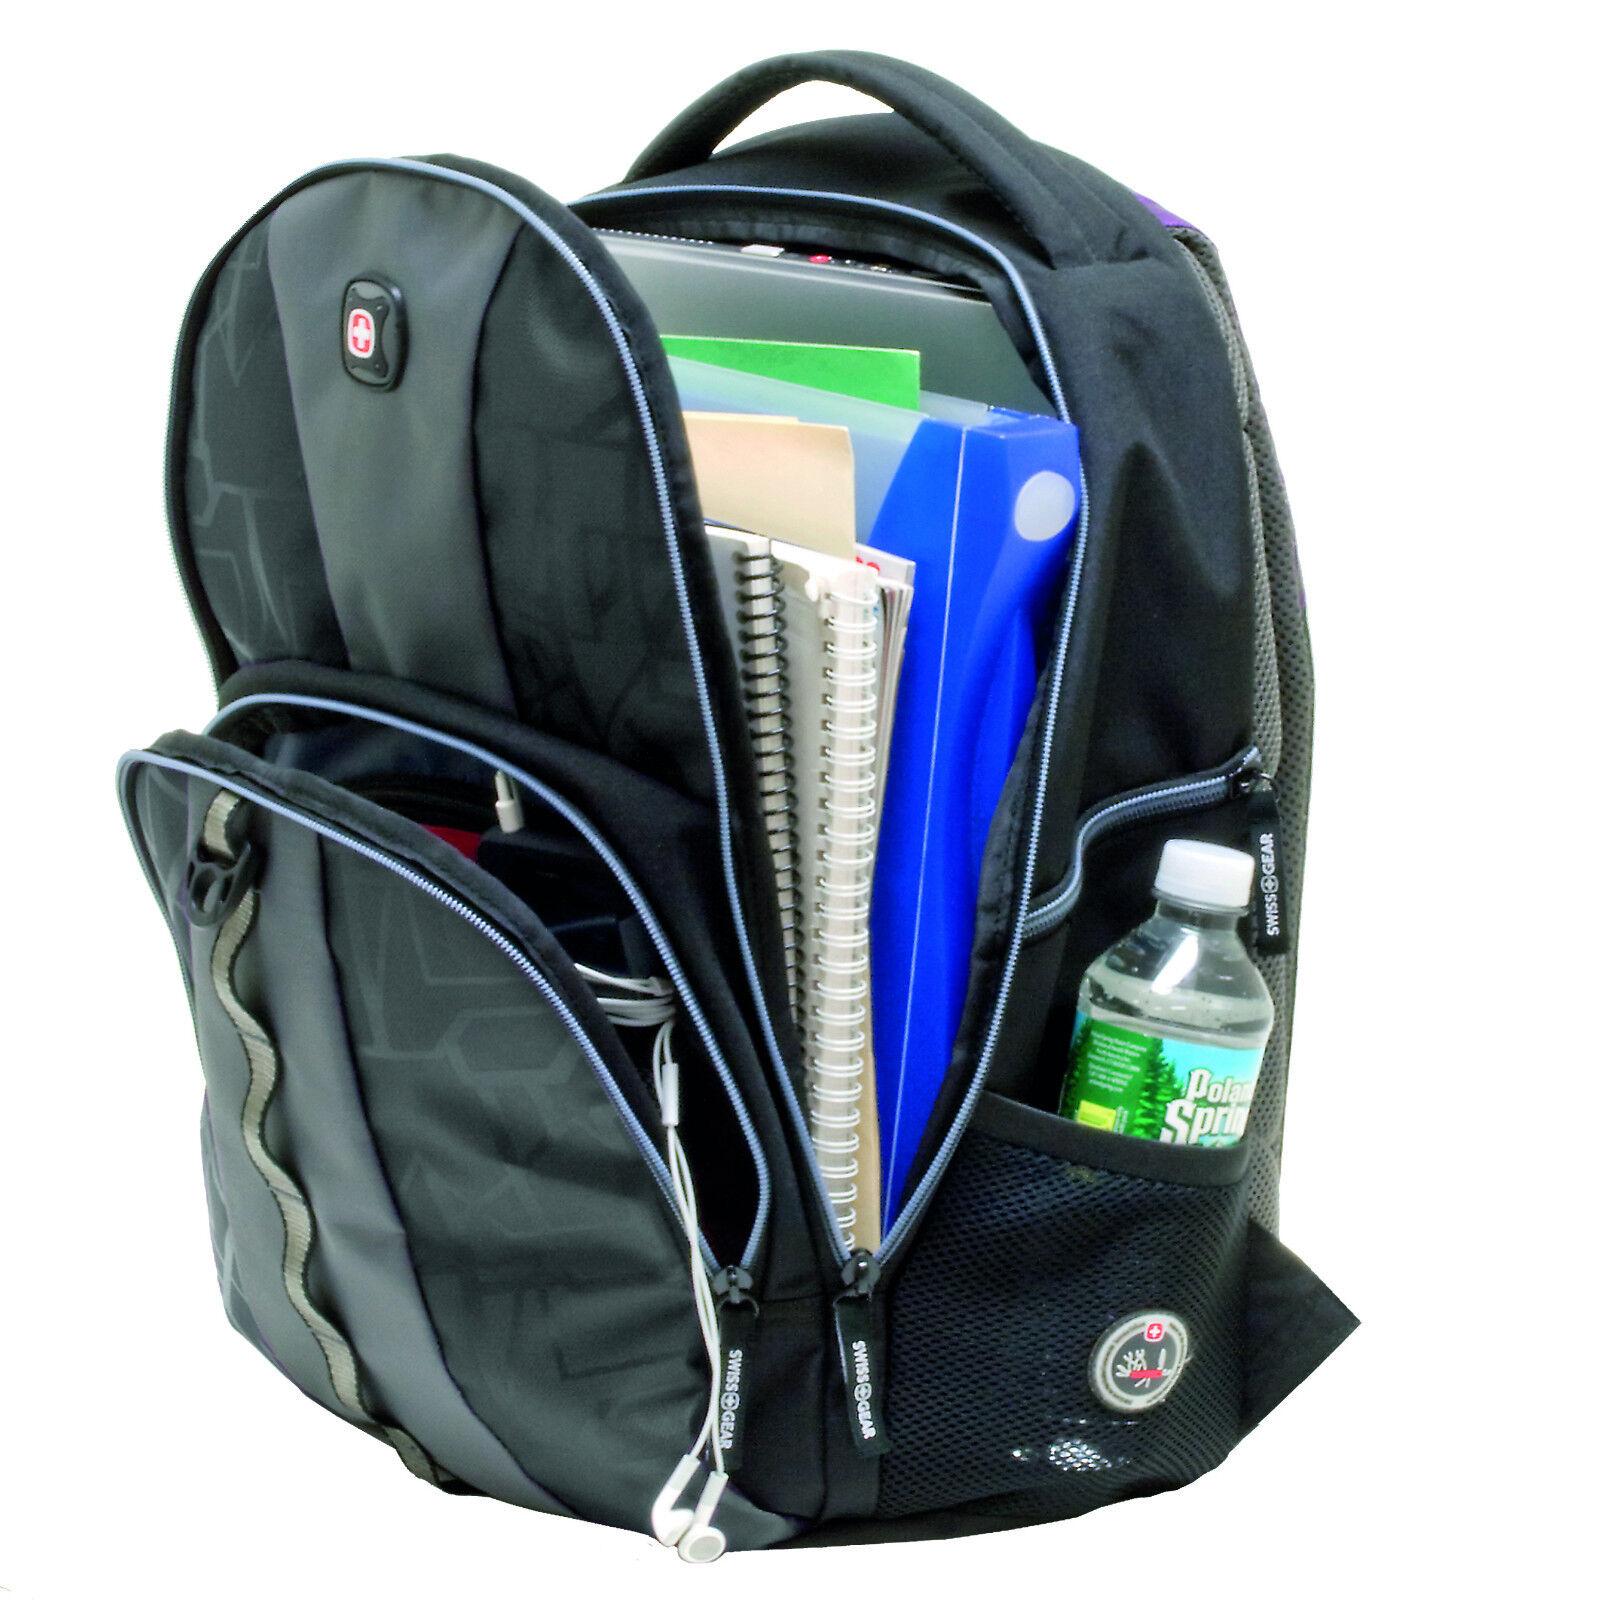 Schulbedarf Herbertz-wenger Schweizer Schulrucksack Laptop Rucksack Neu 31liter Schultasche Seien Sie Im Design Neu Ranzen, Taschen & Rucksäcke